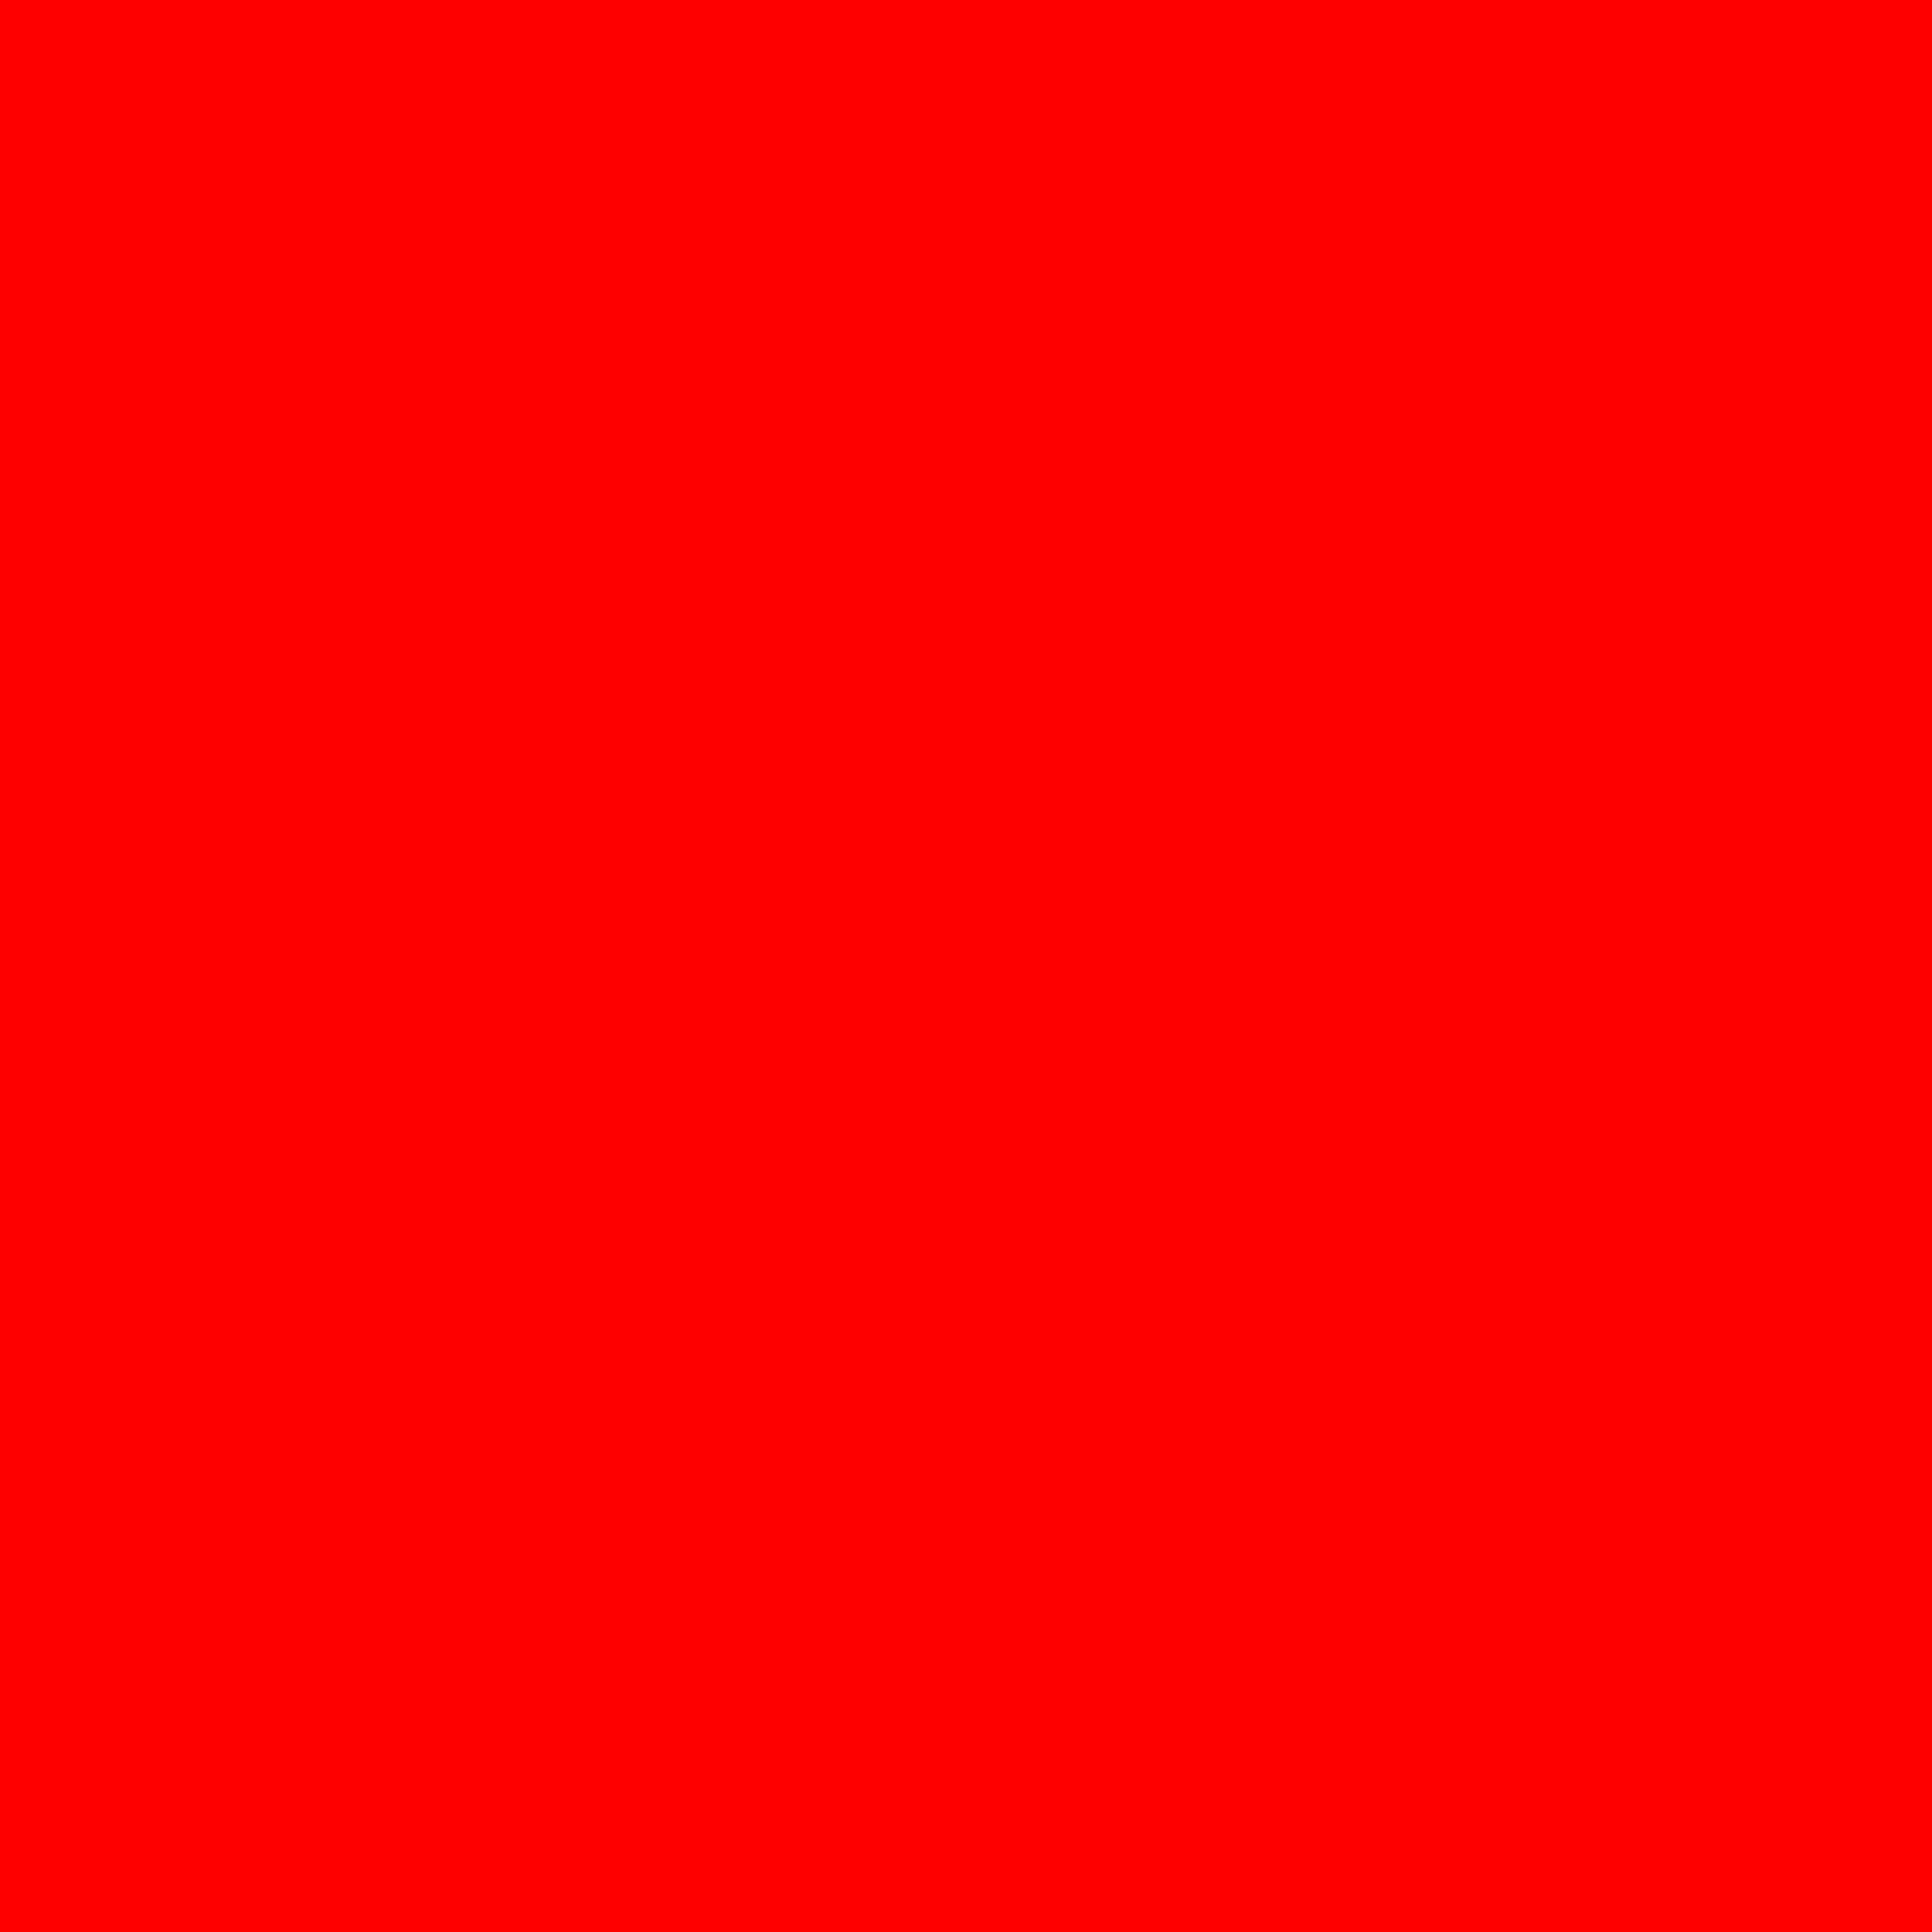 Pentel EnerGel Deluxe Liquid Gel Pen, Bold Line, Metal Tip, Red Ink, Box of 12 (BL60-B) by Pentel (Image #2)